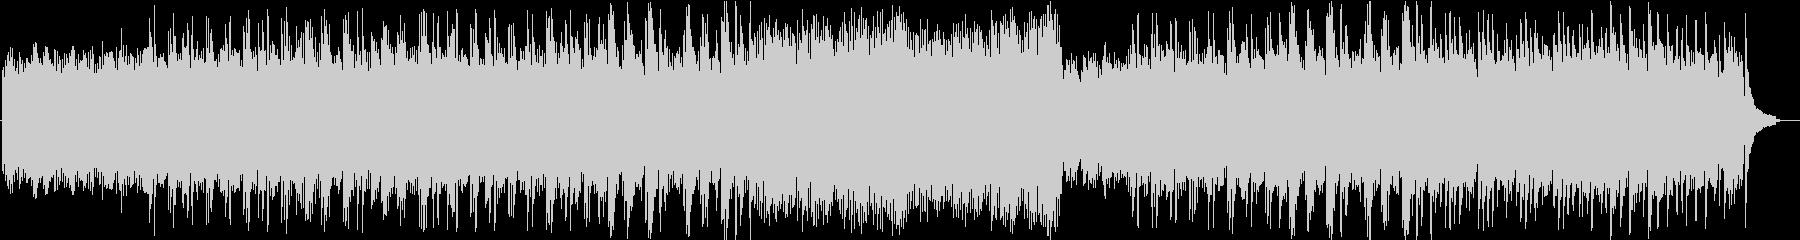 ピアノ独奏によるヒーリング音楽の未再生の波形